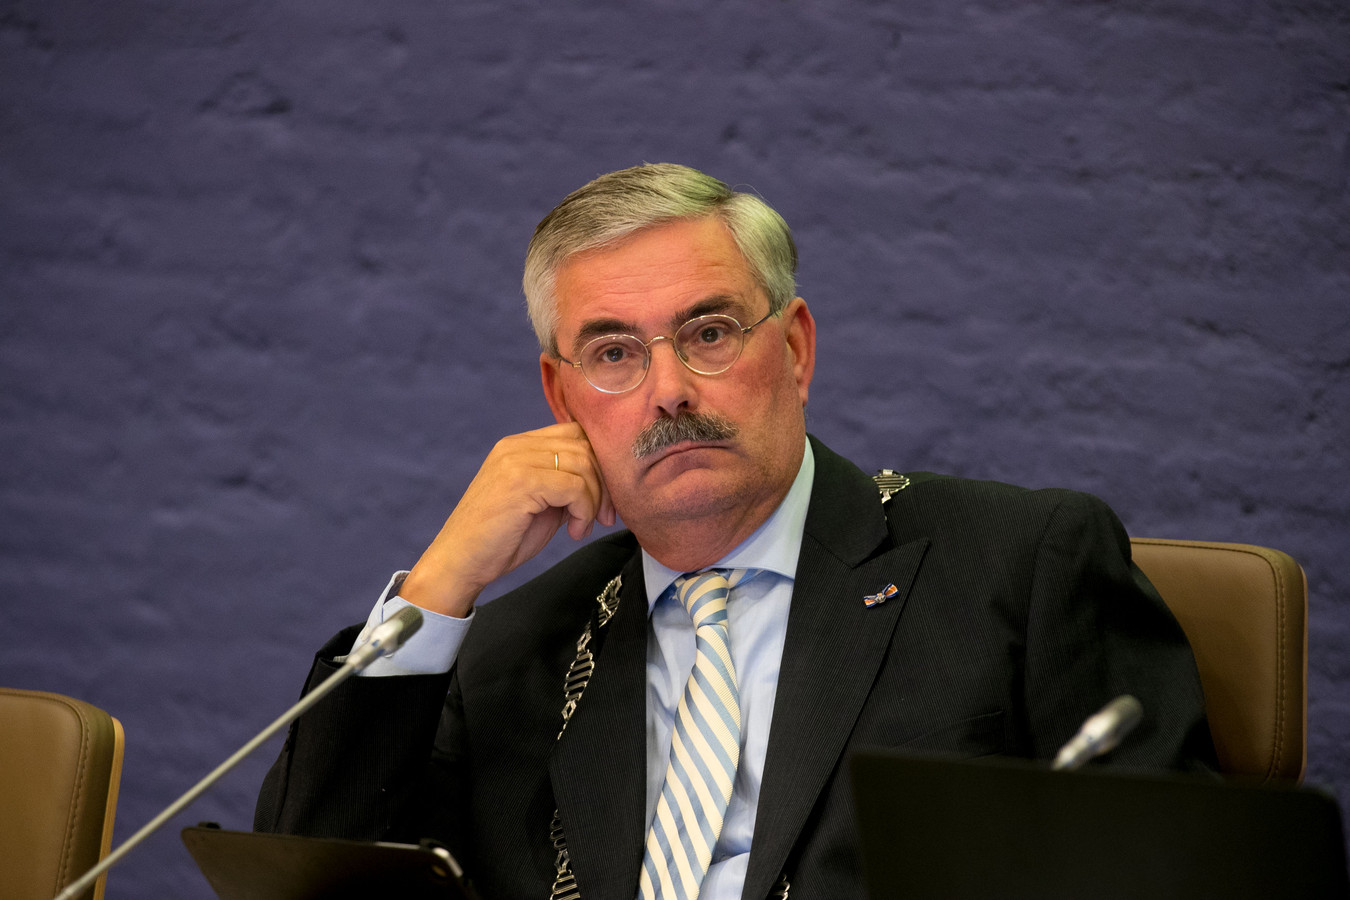 De zoektocht naar een opvolger van burgemeester Aat de Jonge is vandaag officieel begonnen.